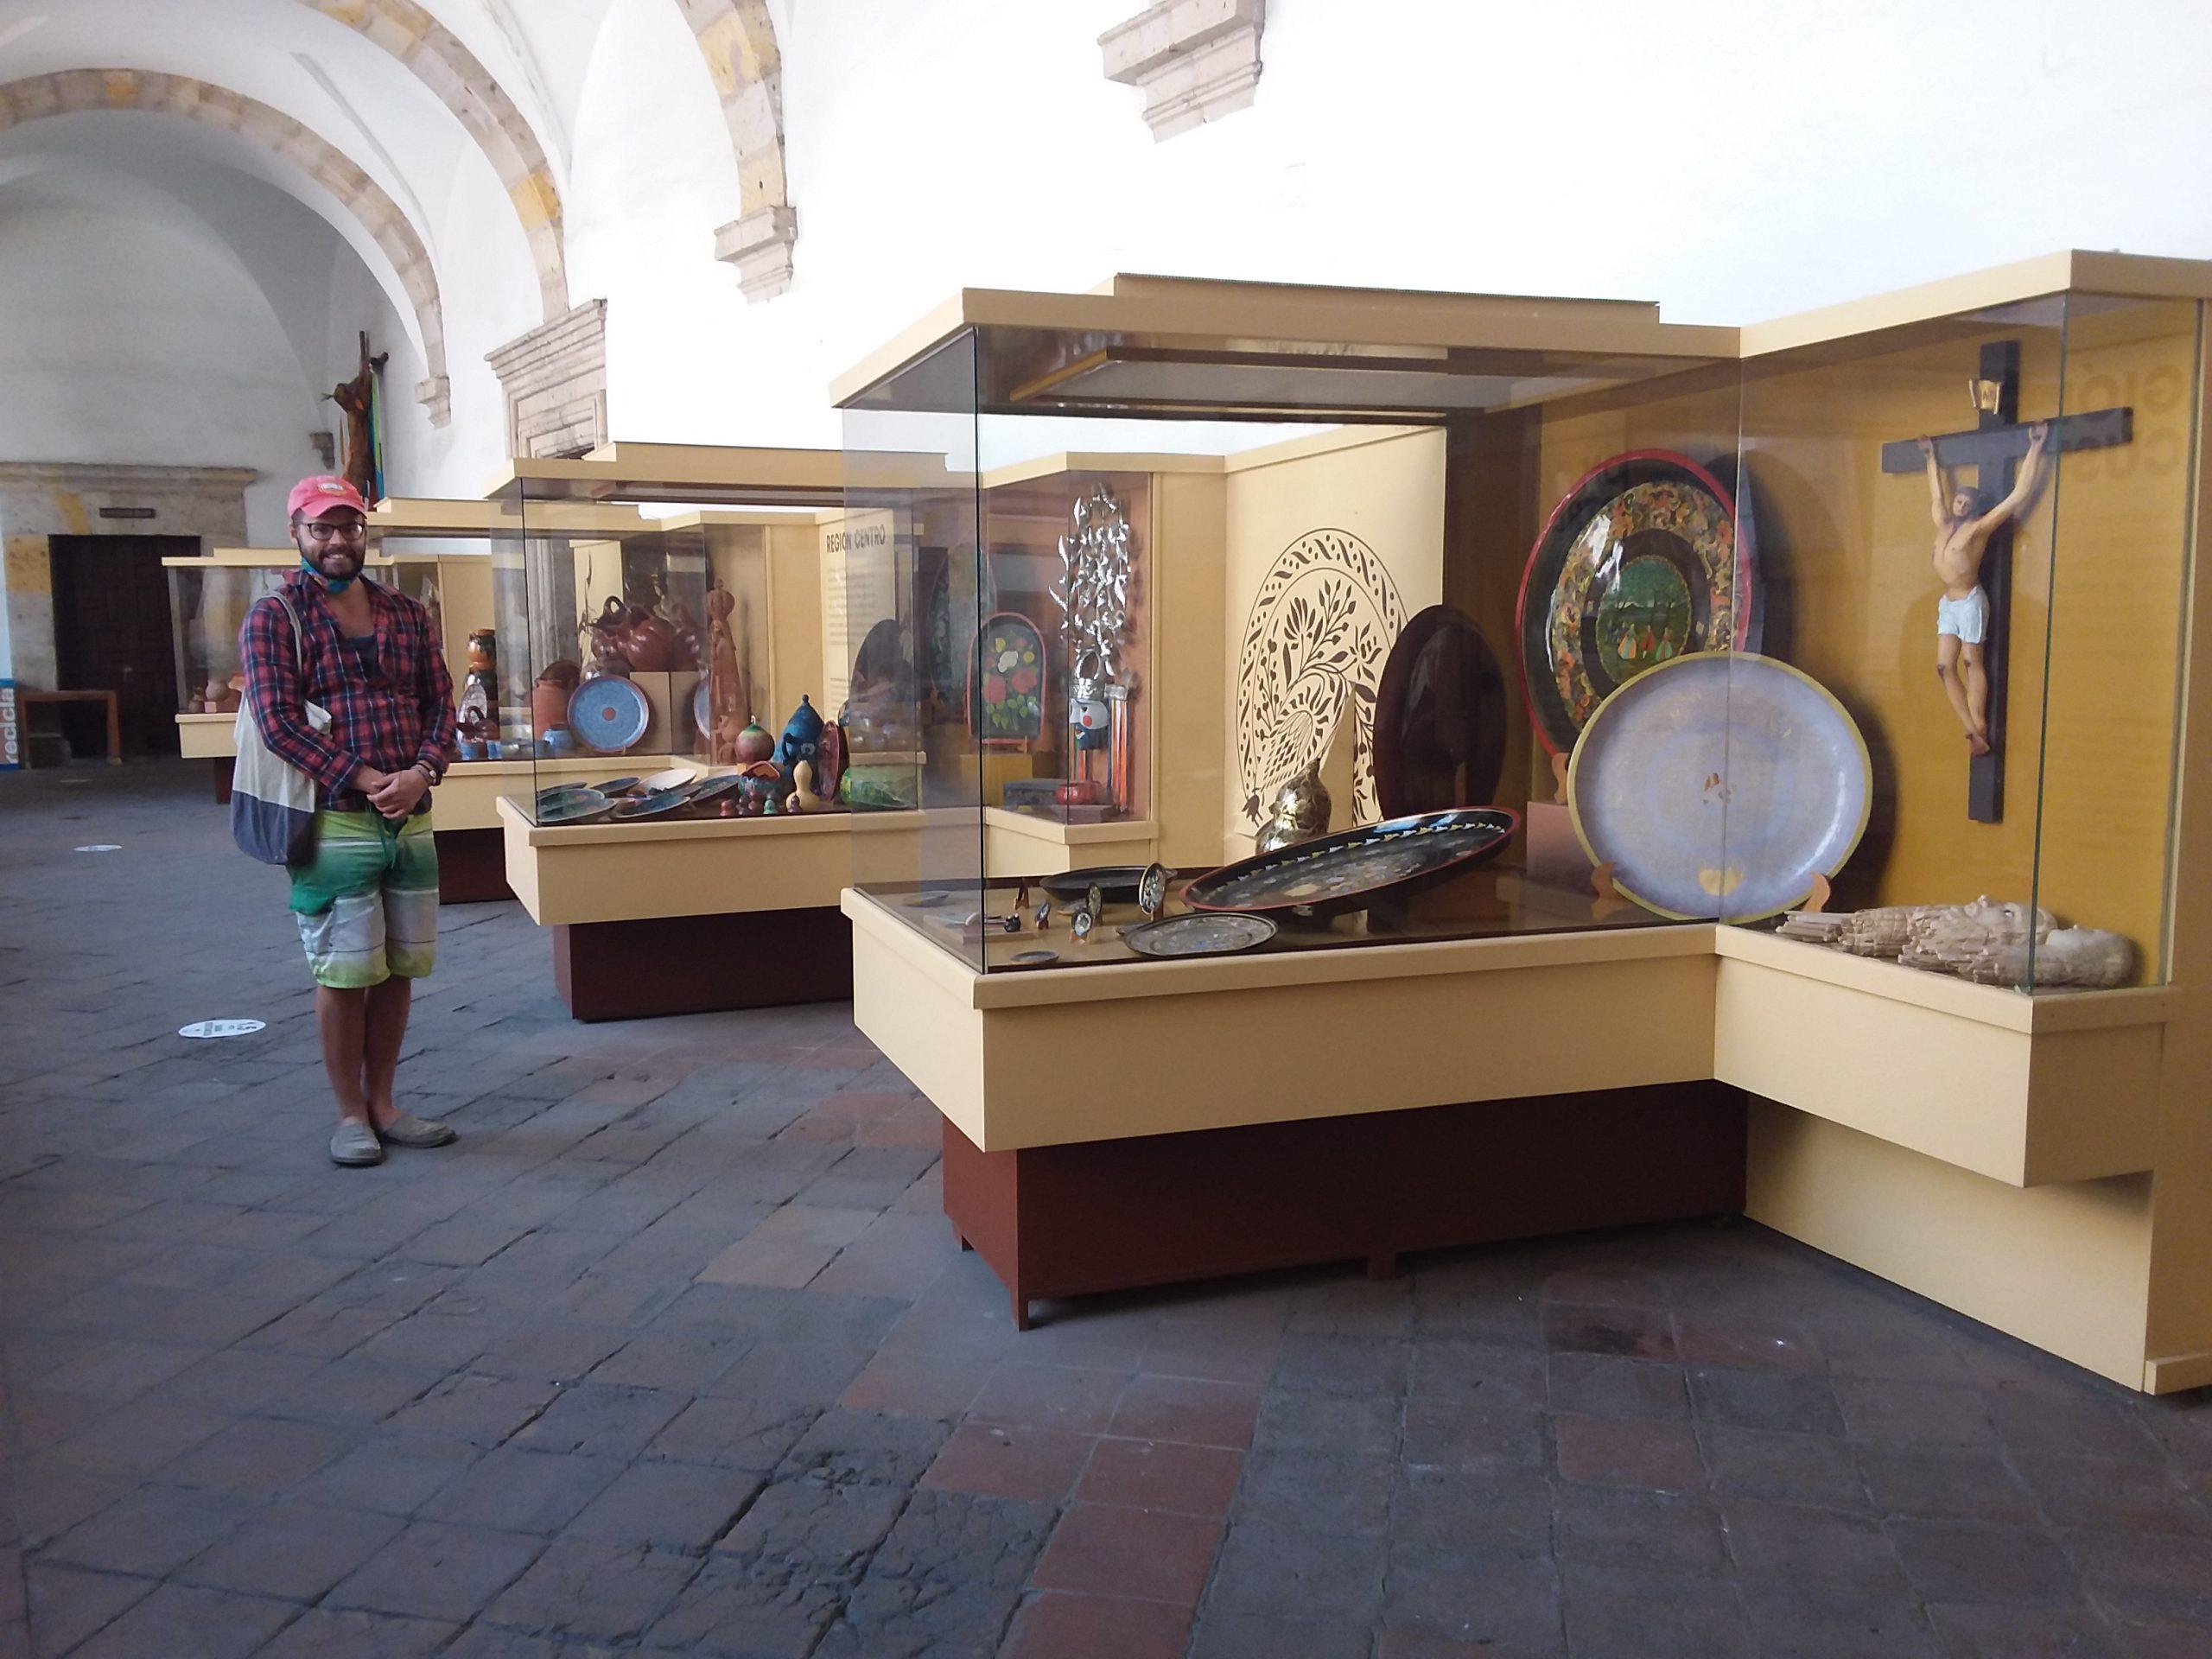 Casa de artesania morelia